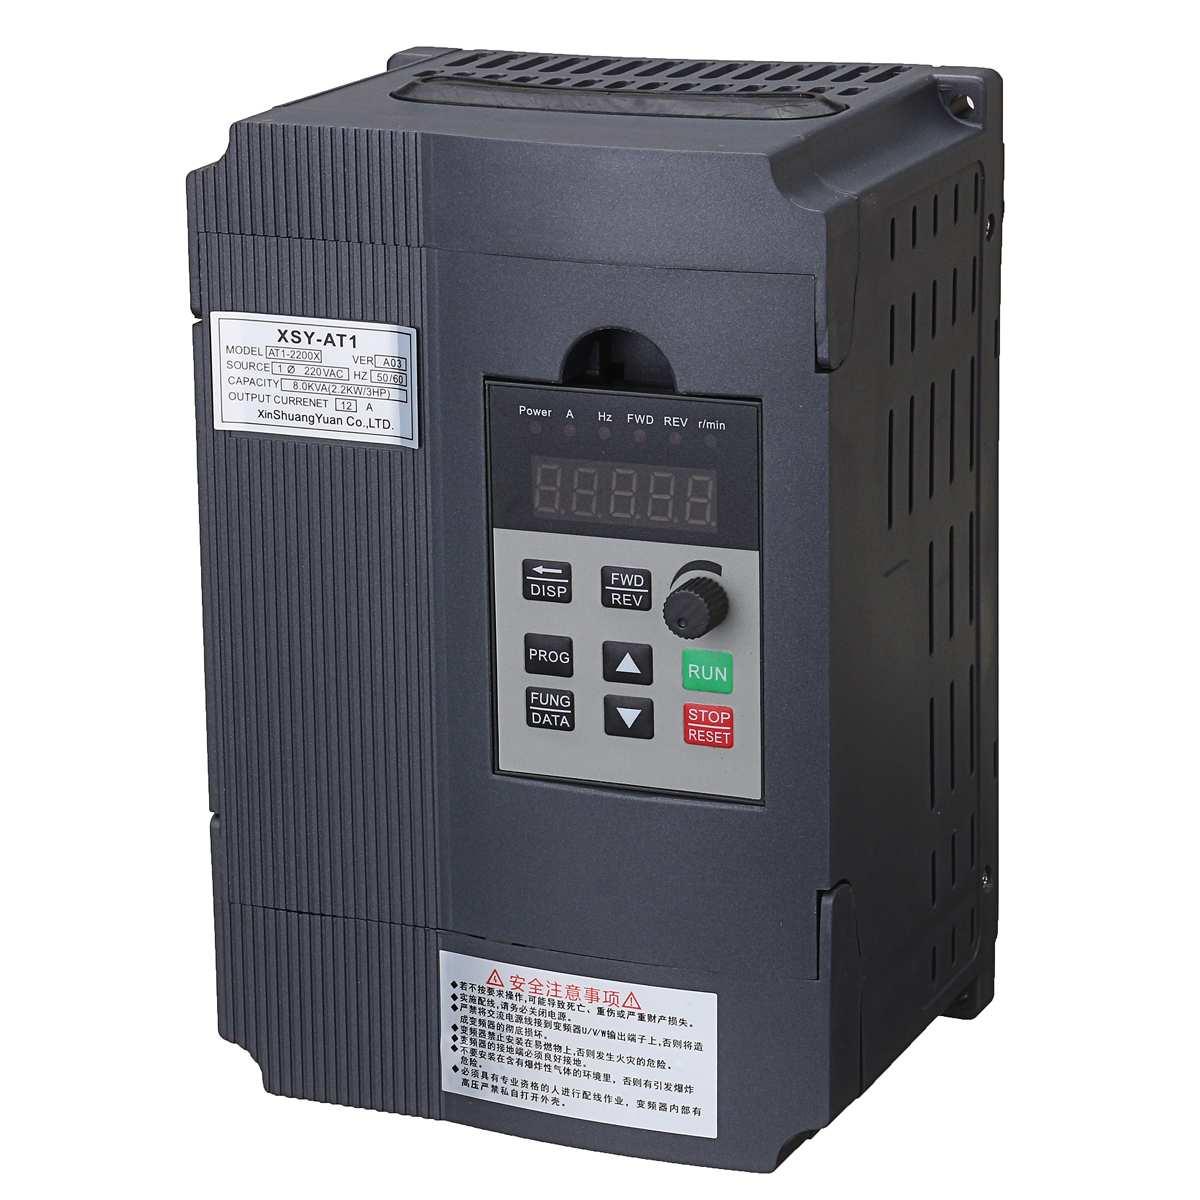 2.2KW 3HP VFD Inverter Freqency Konverter Einzigen Phase Variabler Frequenz Inverter Vfd Inverter Motor Speed Pwm-steuerung